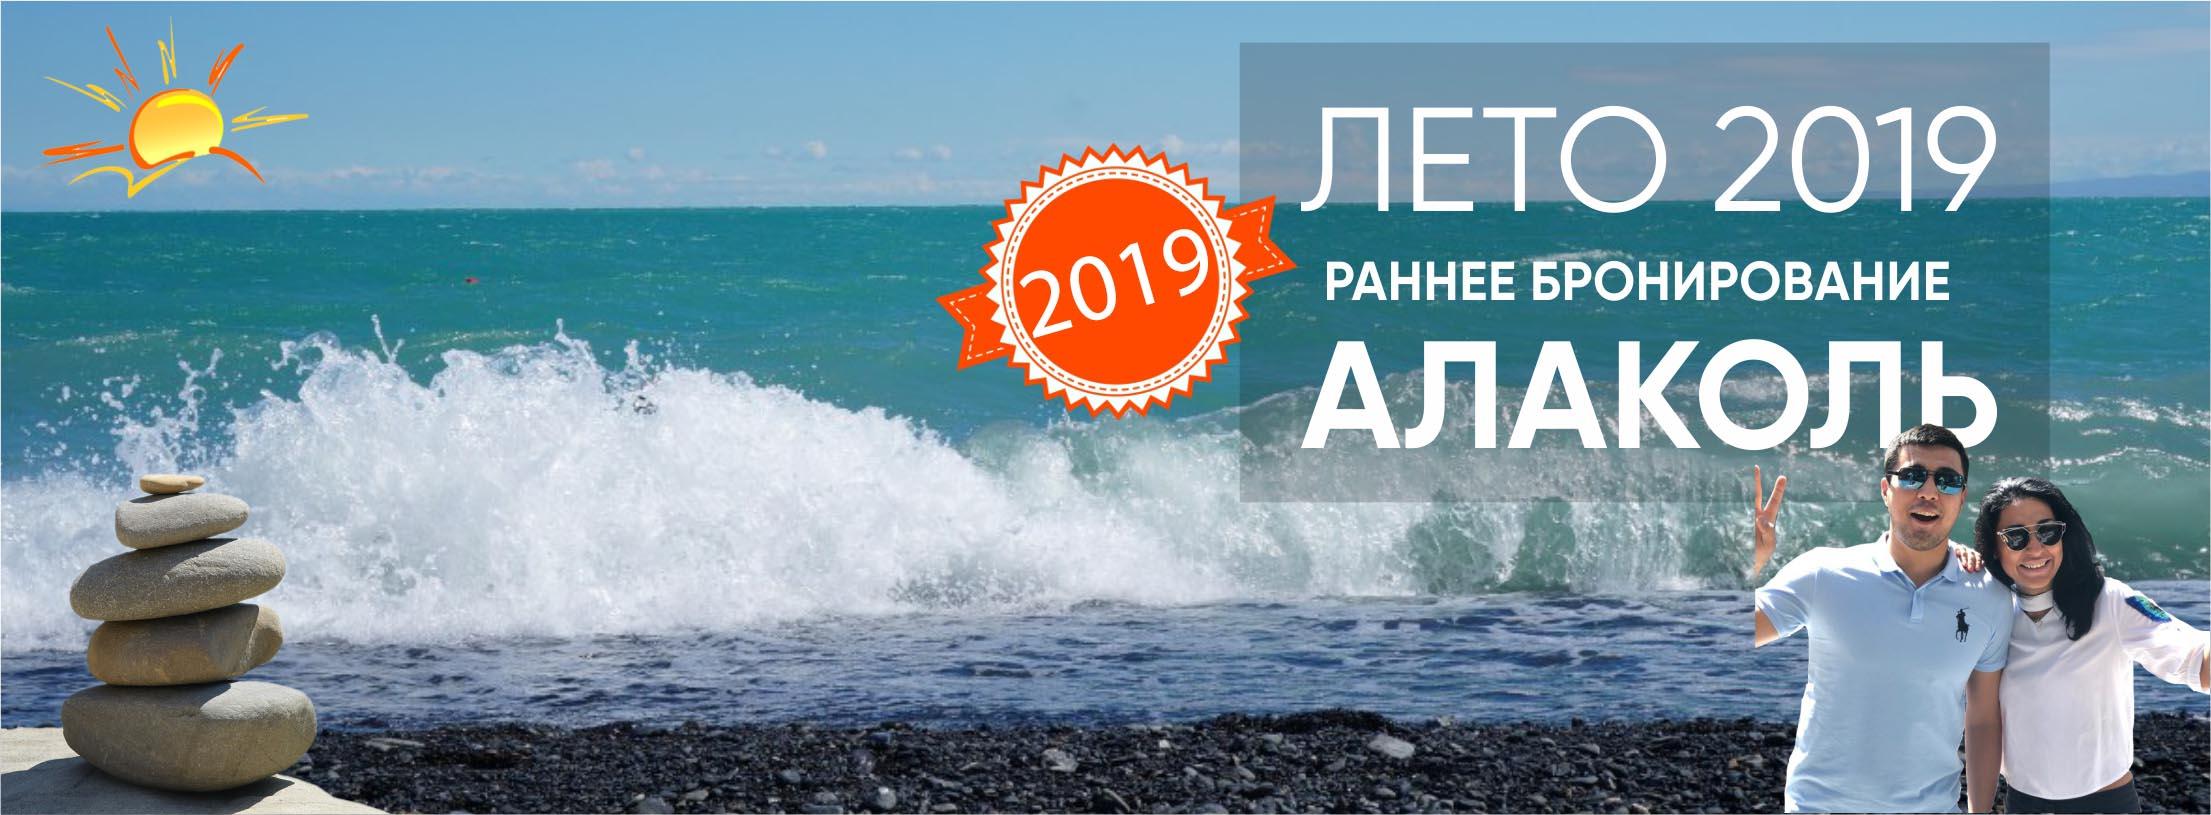 banner-na-glavnoi-alakolnew2